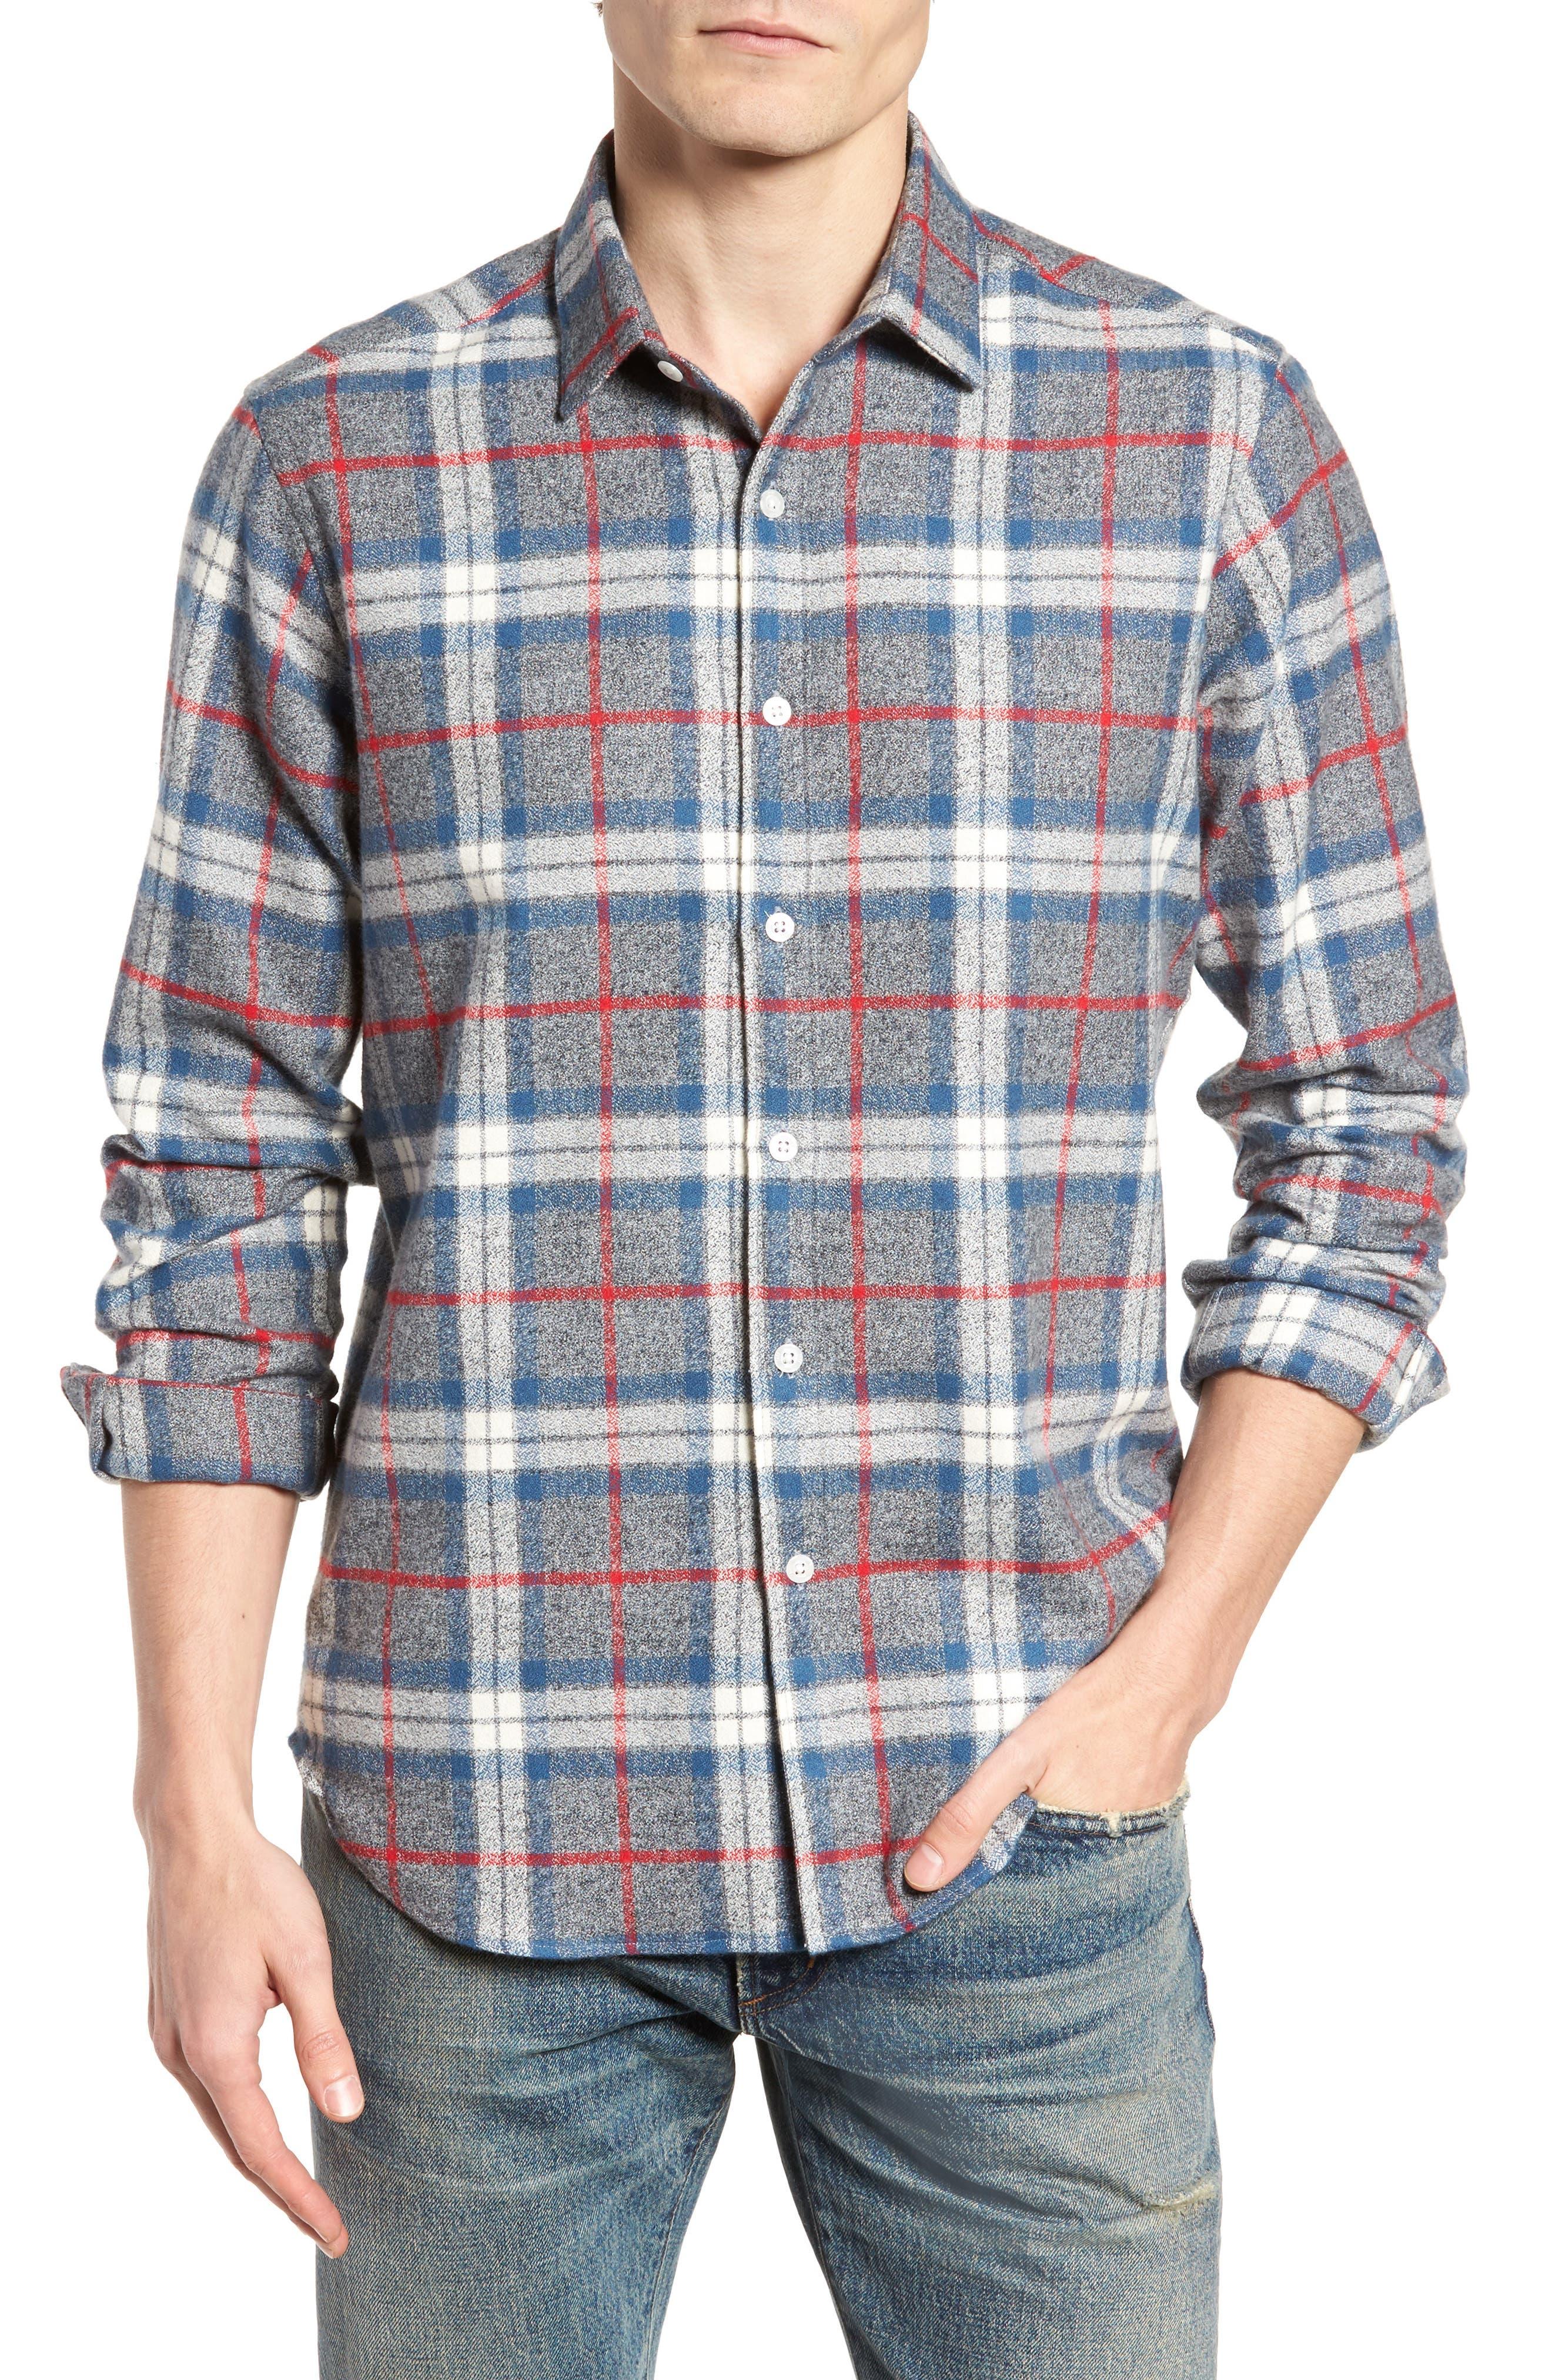 Brattleb Slim Fit Plaid Sport Shirt,                         Main,                         color, Smoke Grey